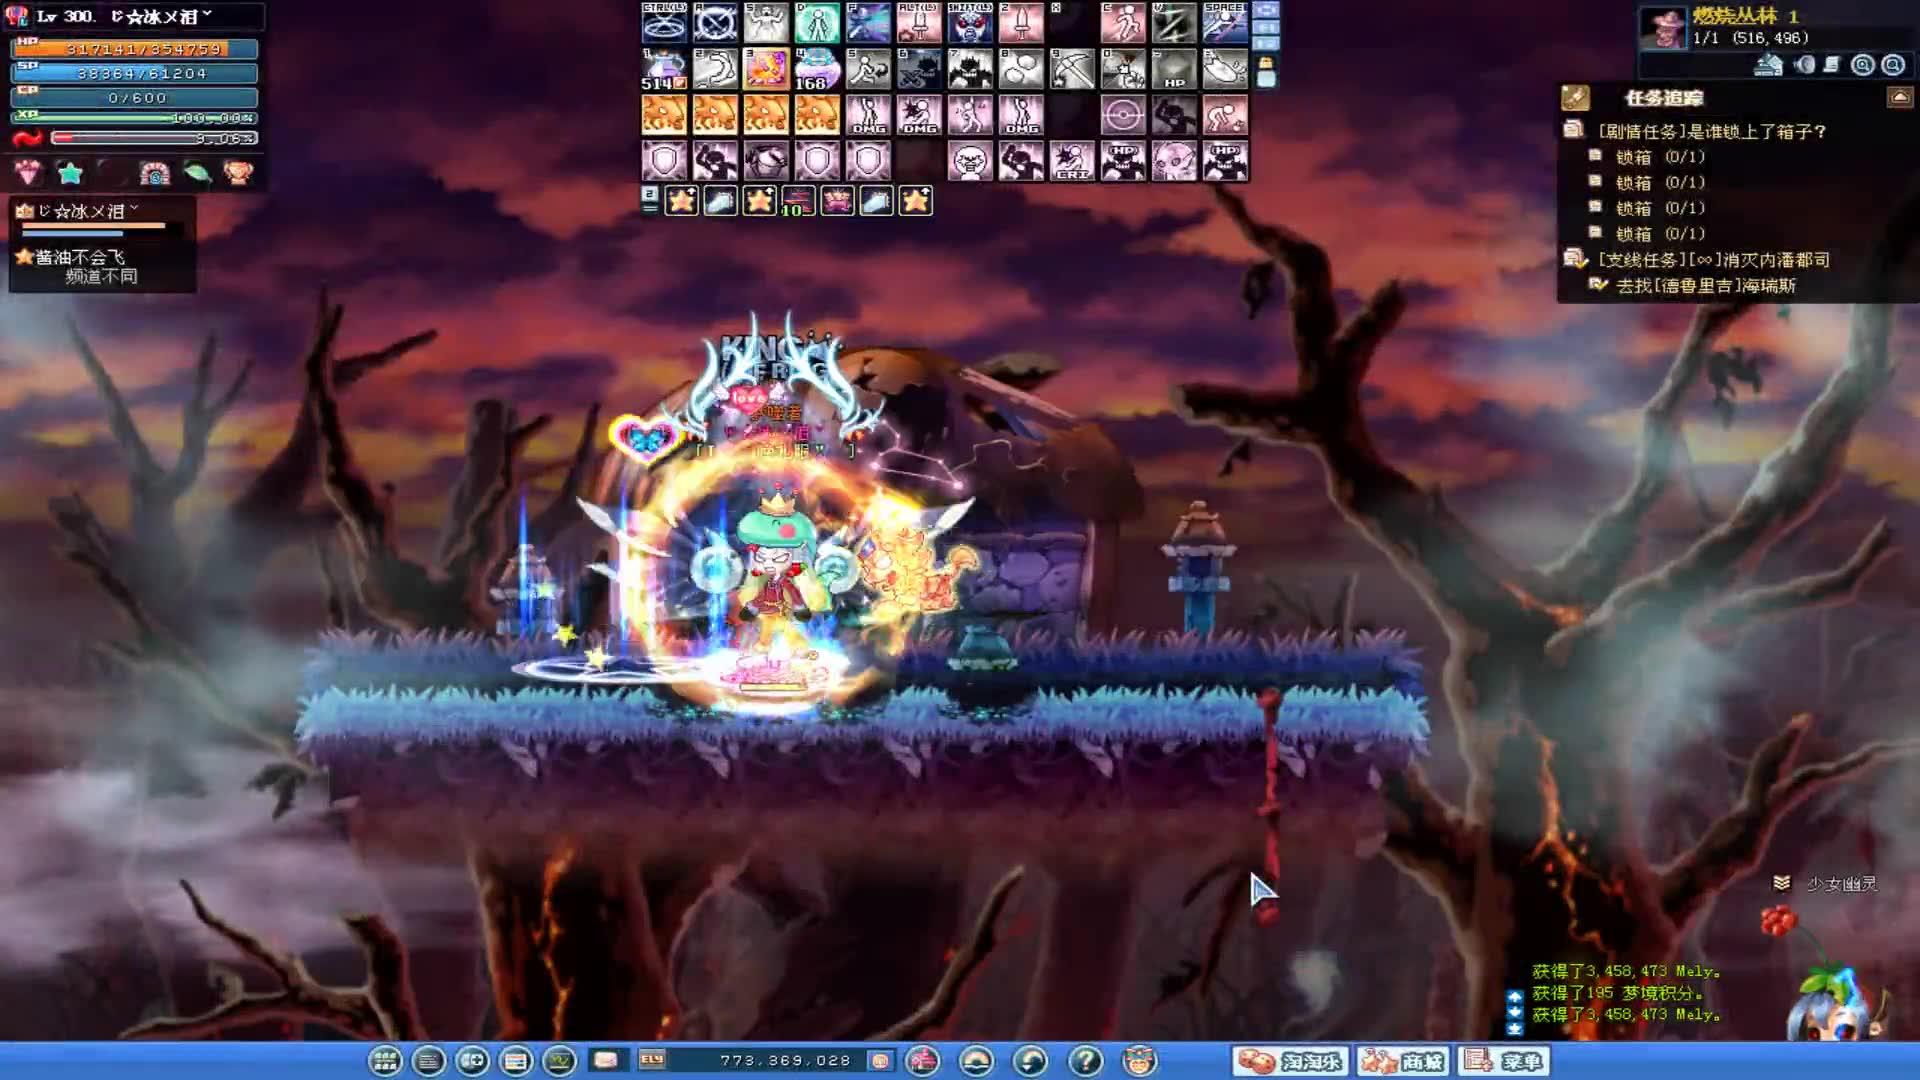 彩虹岛-燃烧图片